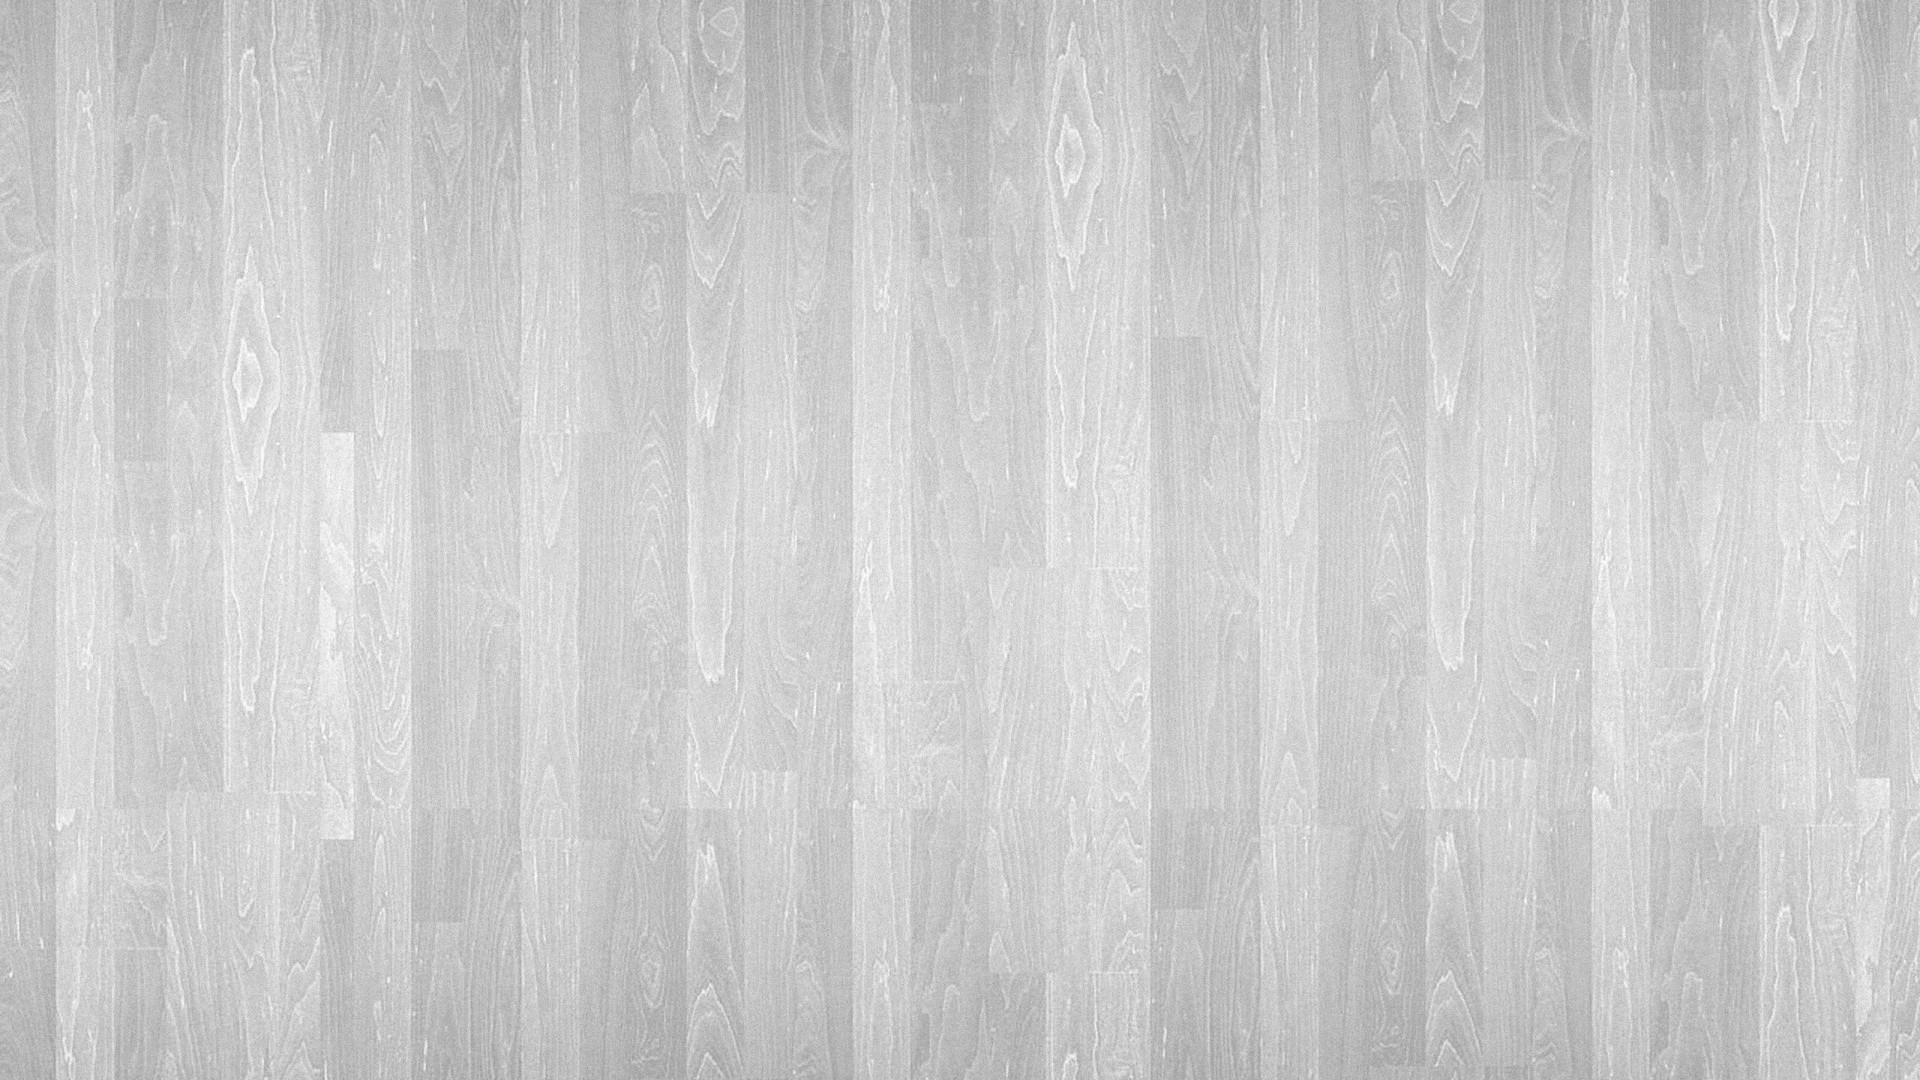 White Wood Wallpaper theme